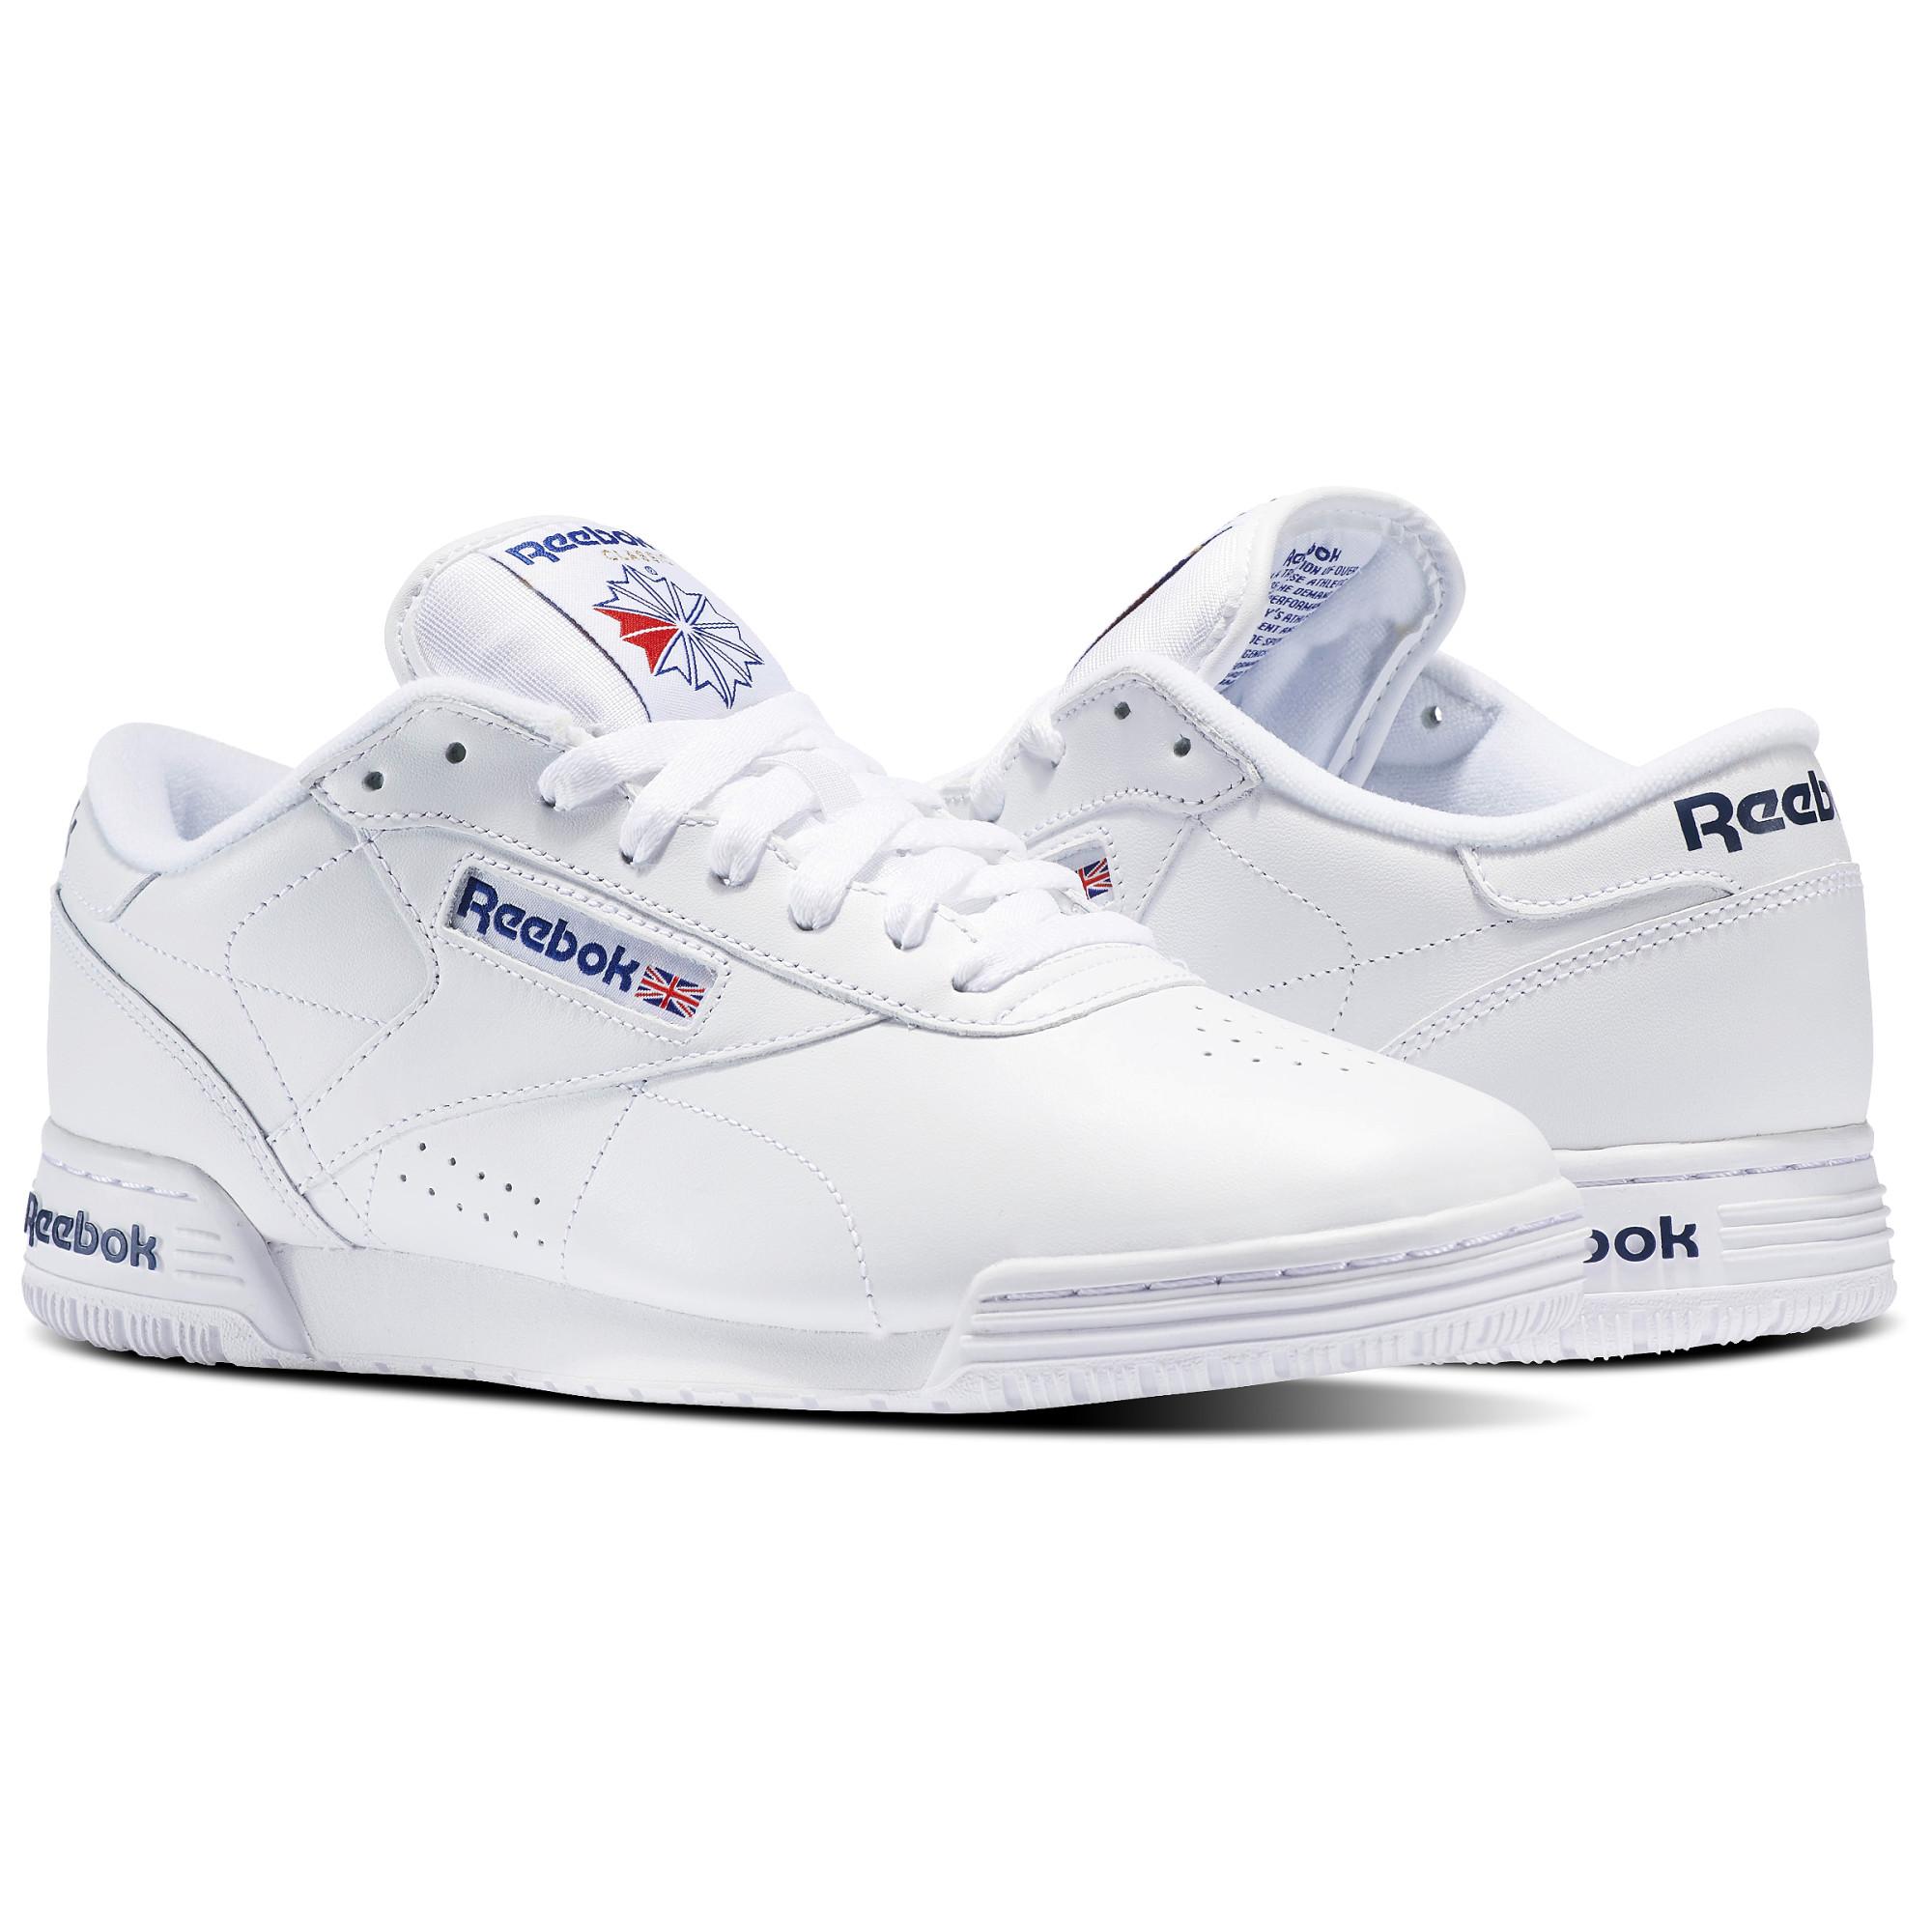 c8675c3a773 Reebok Men s Classics Exofit Lo Shoes (White) - Page 3 - Slickdeals.net